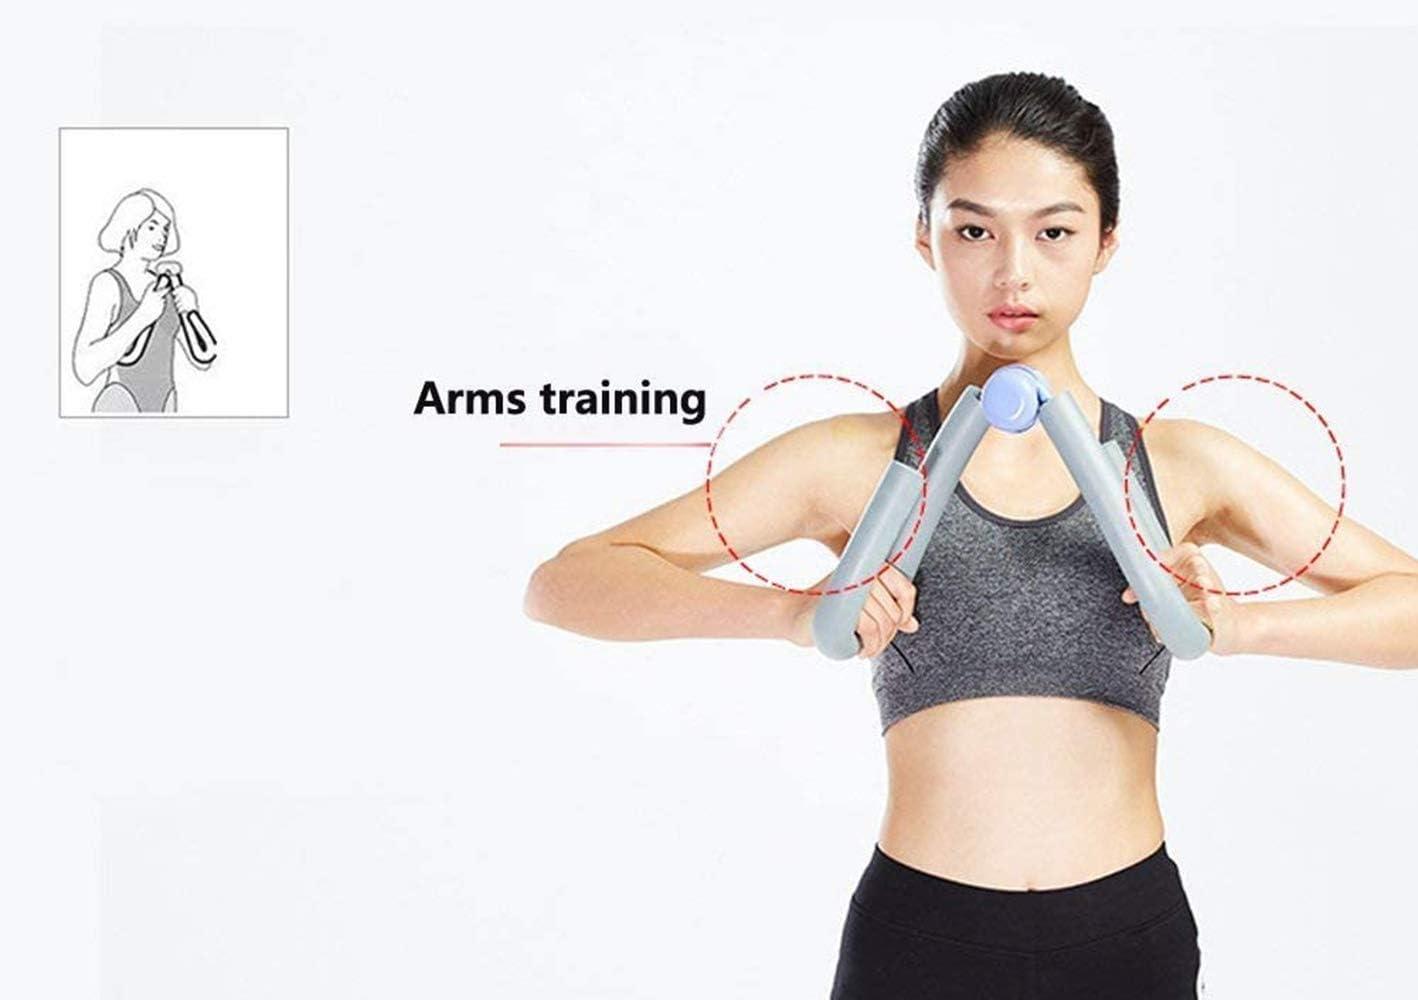 Boomersun Oberschenkeltrainer Fitness Workout Muskel Beintrainer Ger/ät schlank Massage Abnehm-Training f/ür Outdoor Zuhause Familie Heimstudio Yoga Sport